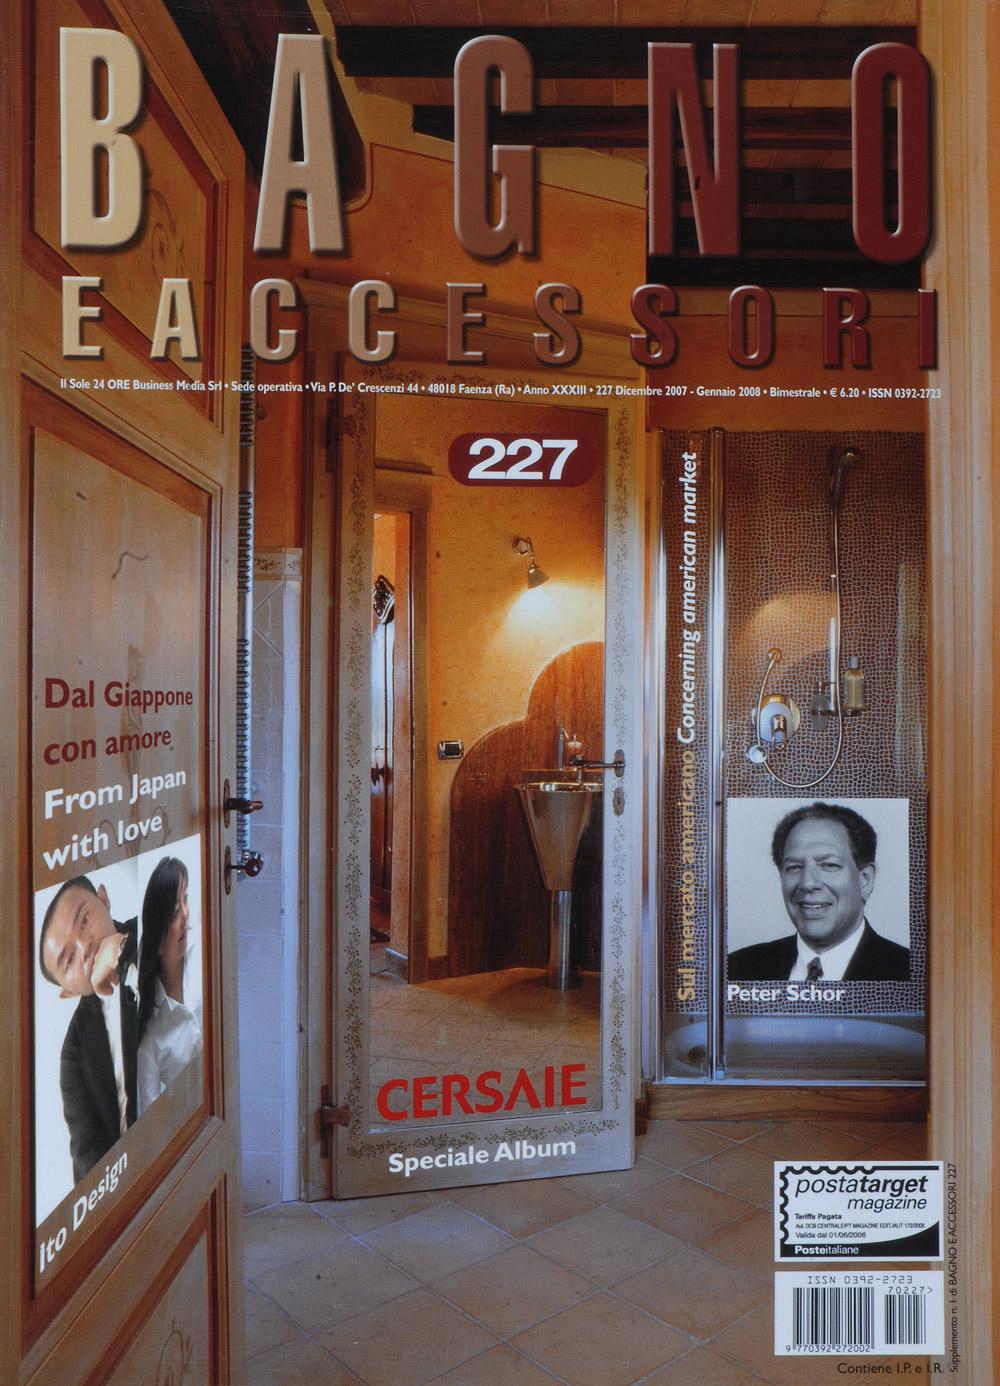 Bagno e Accesori Magazine Cover